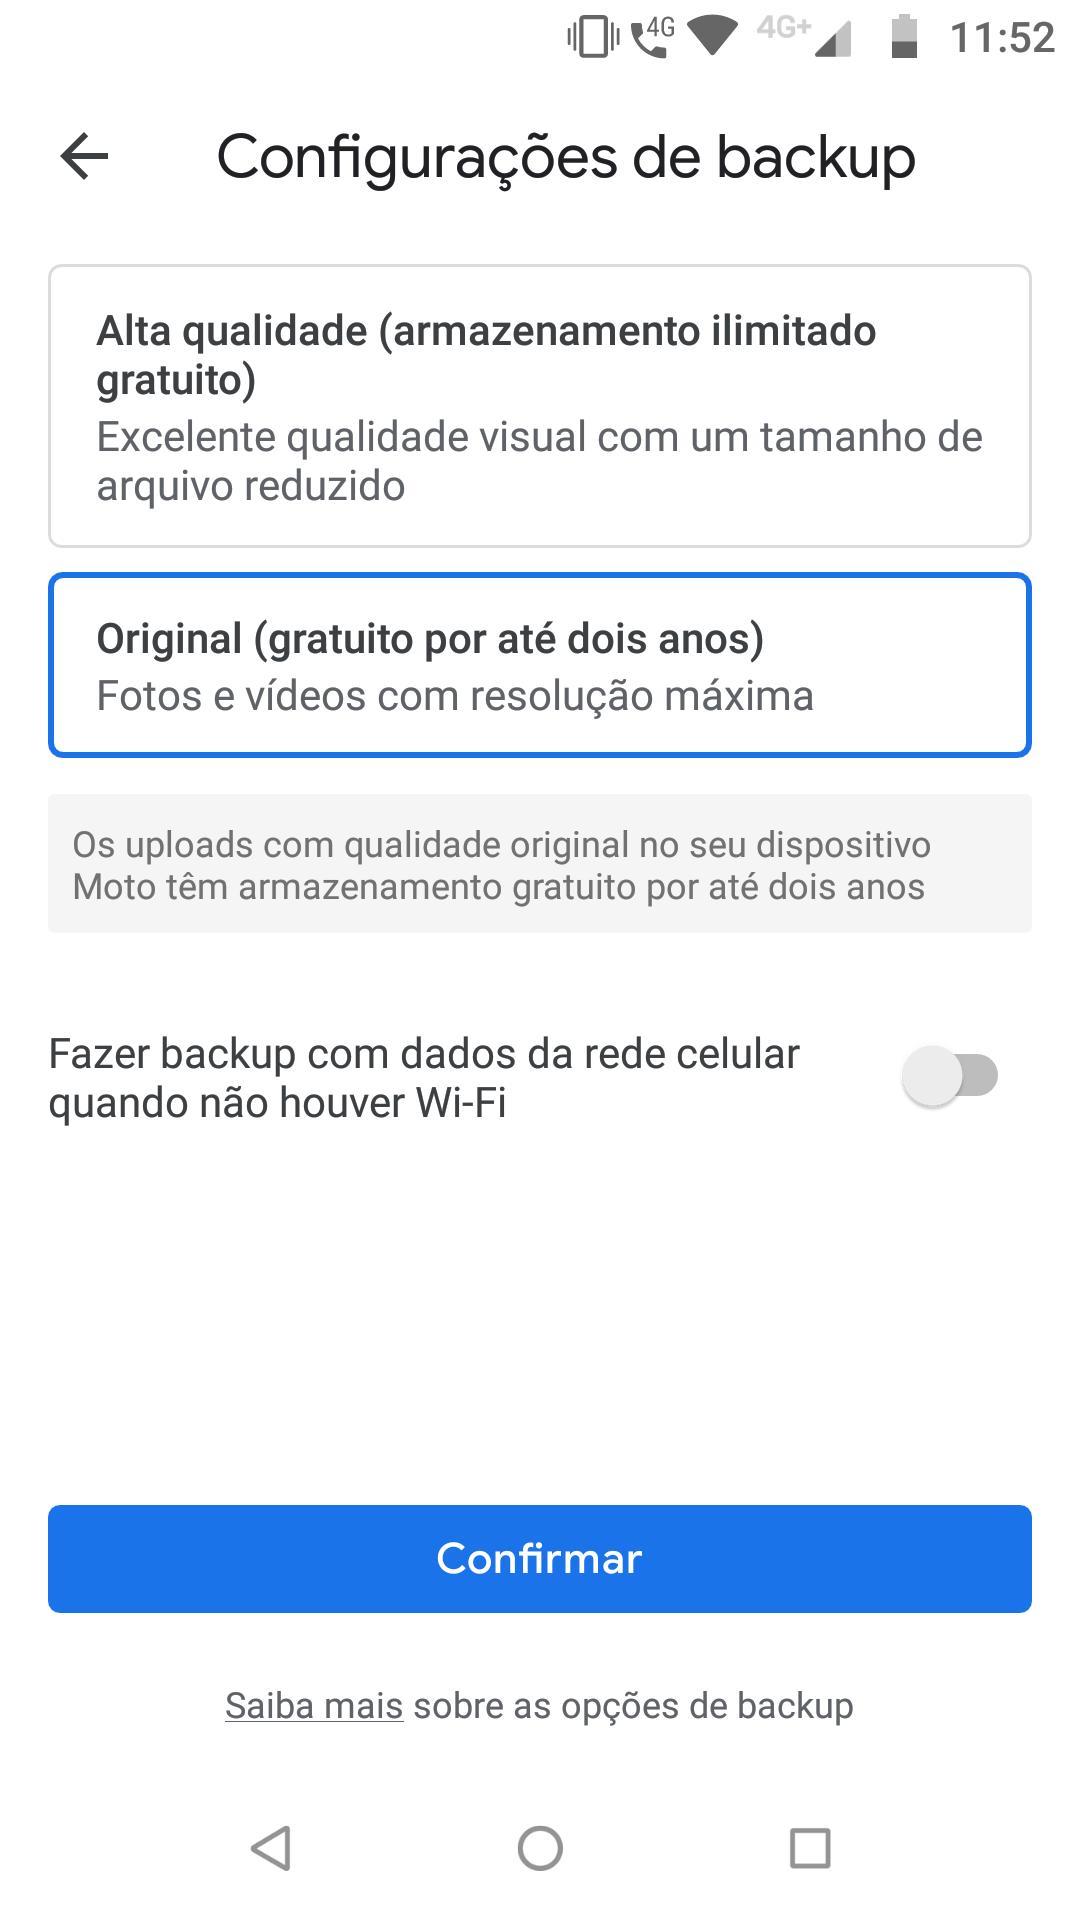 Google Fotos_imagem com o menu de escolha da qualidade do backup no aplicativo